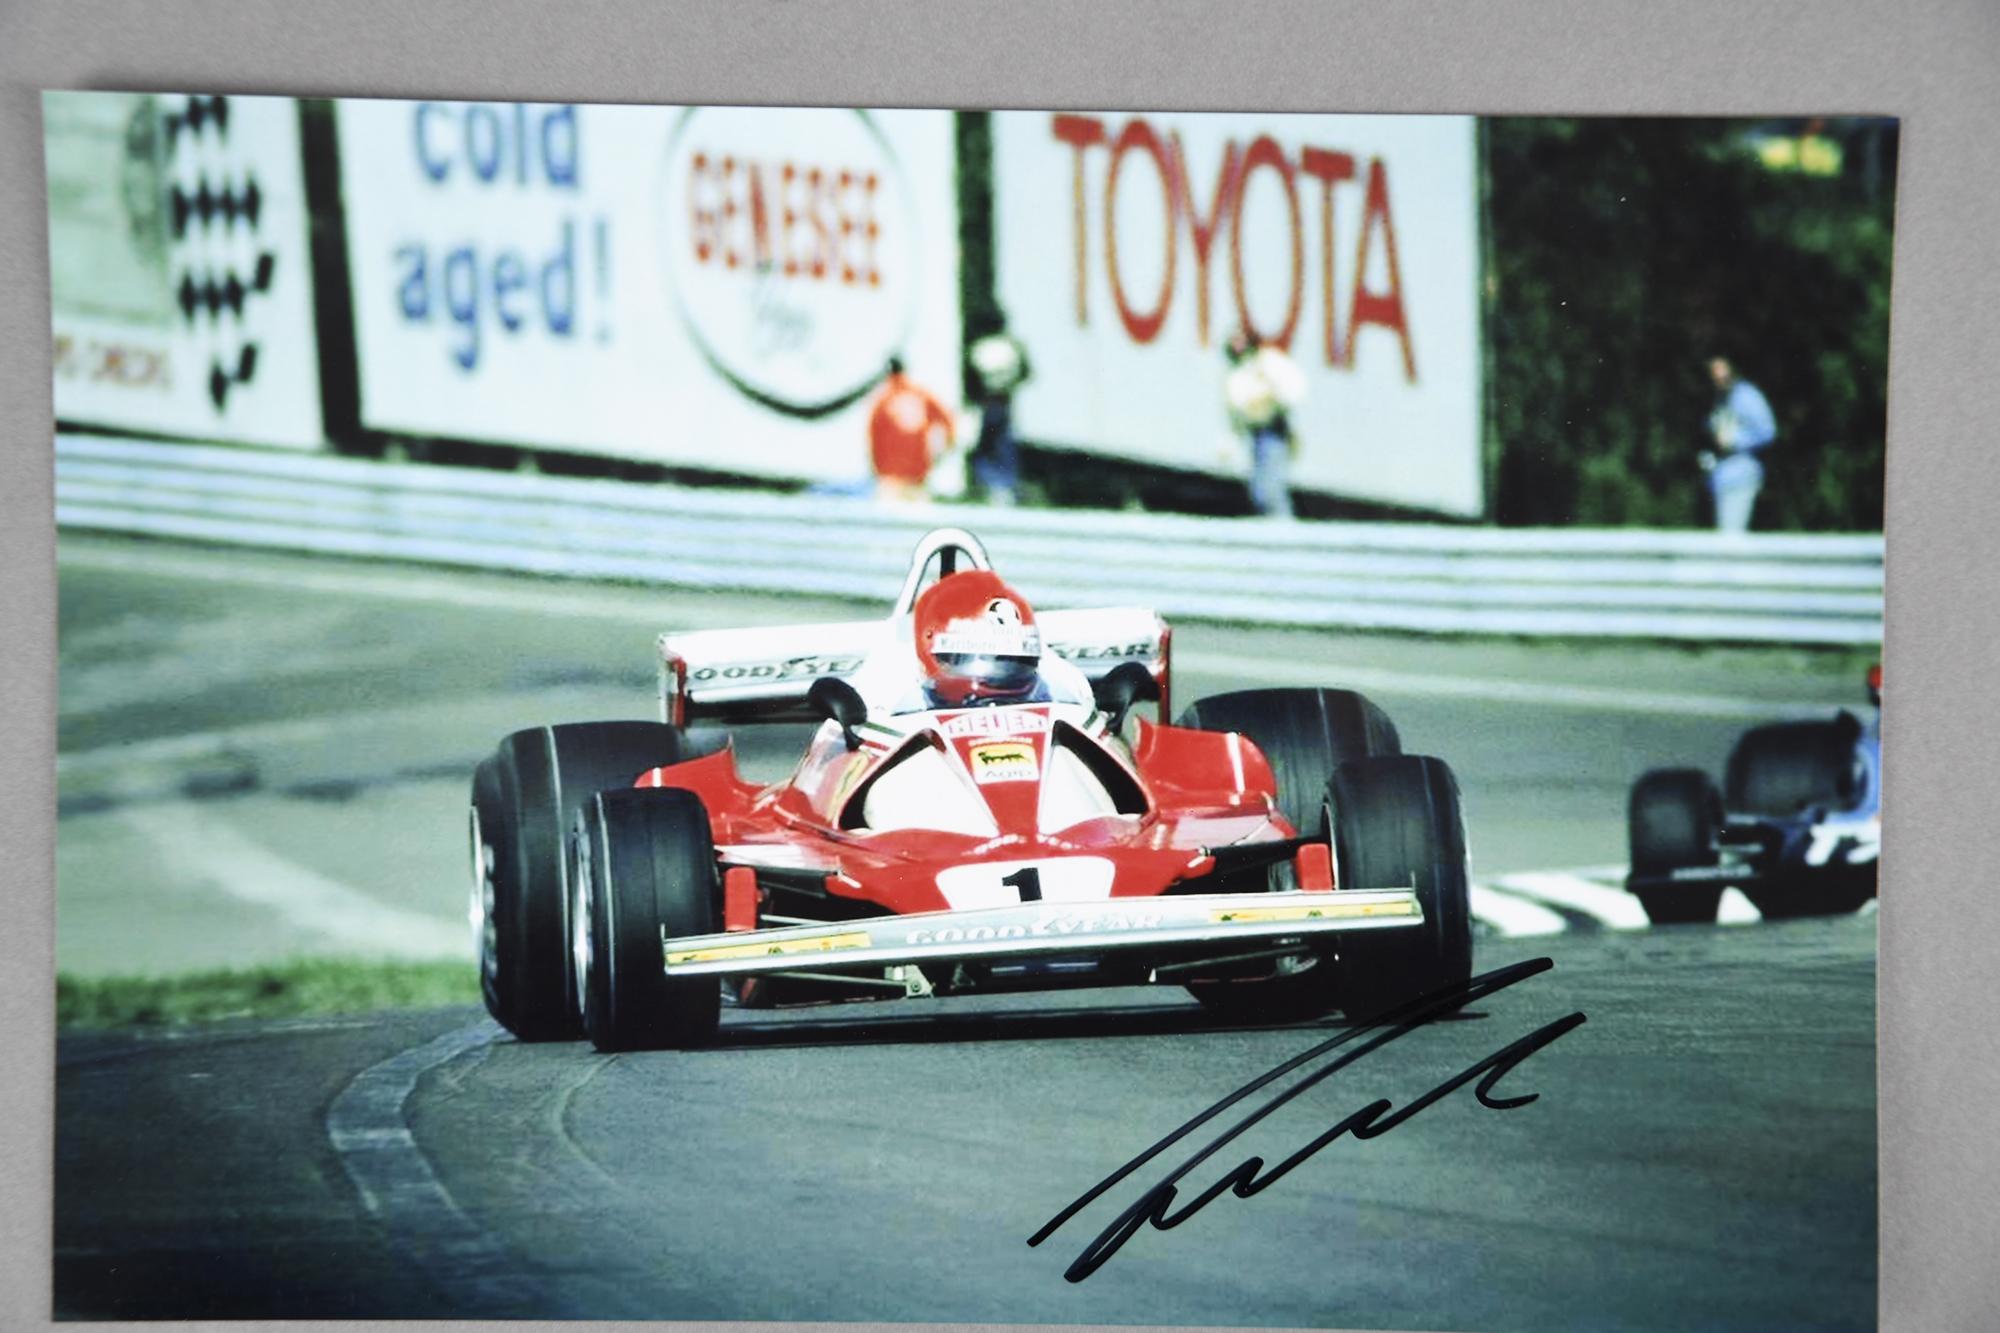 NIKI LAUDA Original signature on photo.